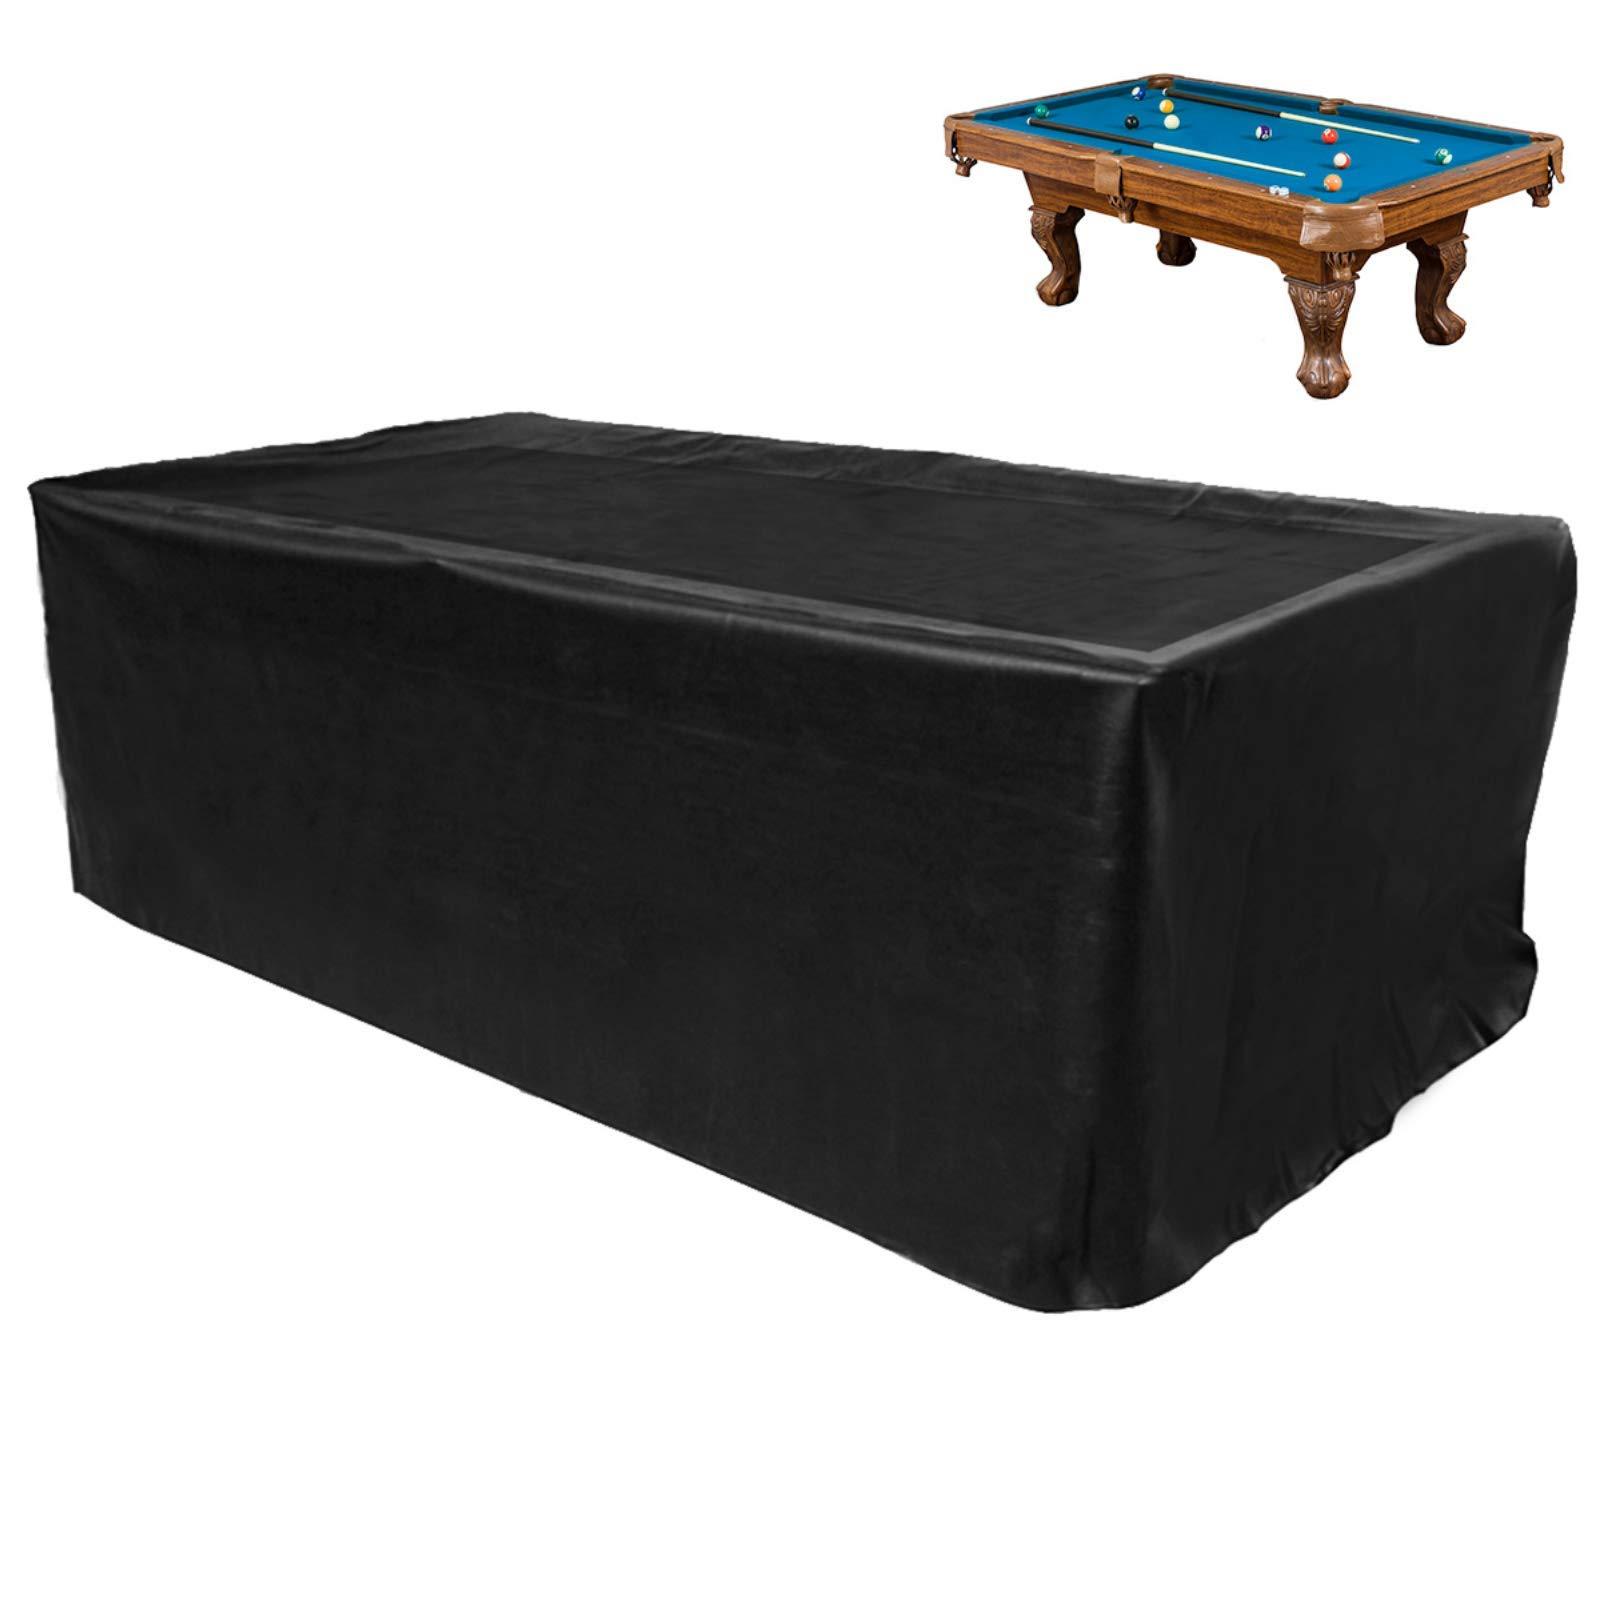 GEMITTO - Funda de poliéster para mesa de billar inglés de 210, 240 y 270 cm; cubierta para exteriores antipolvo, resistente a los rayos UV y a los desgarros 225*116*82cm Negro: Amazon.es: Hogar